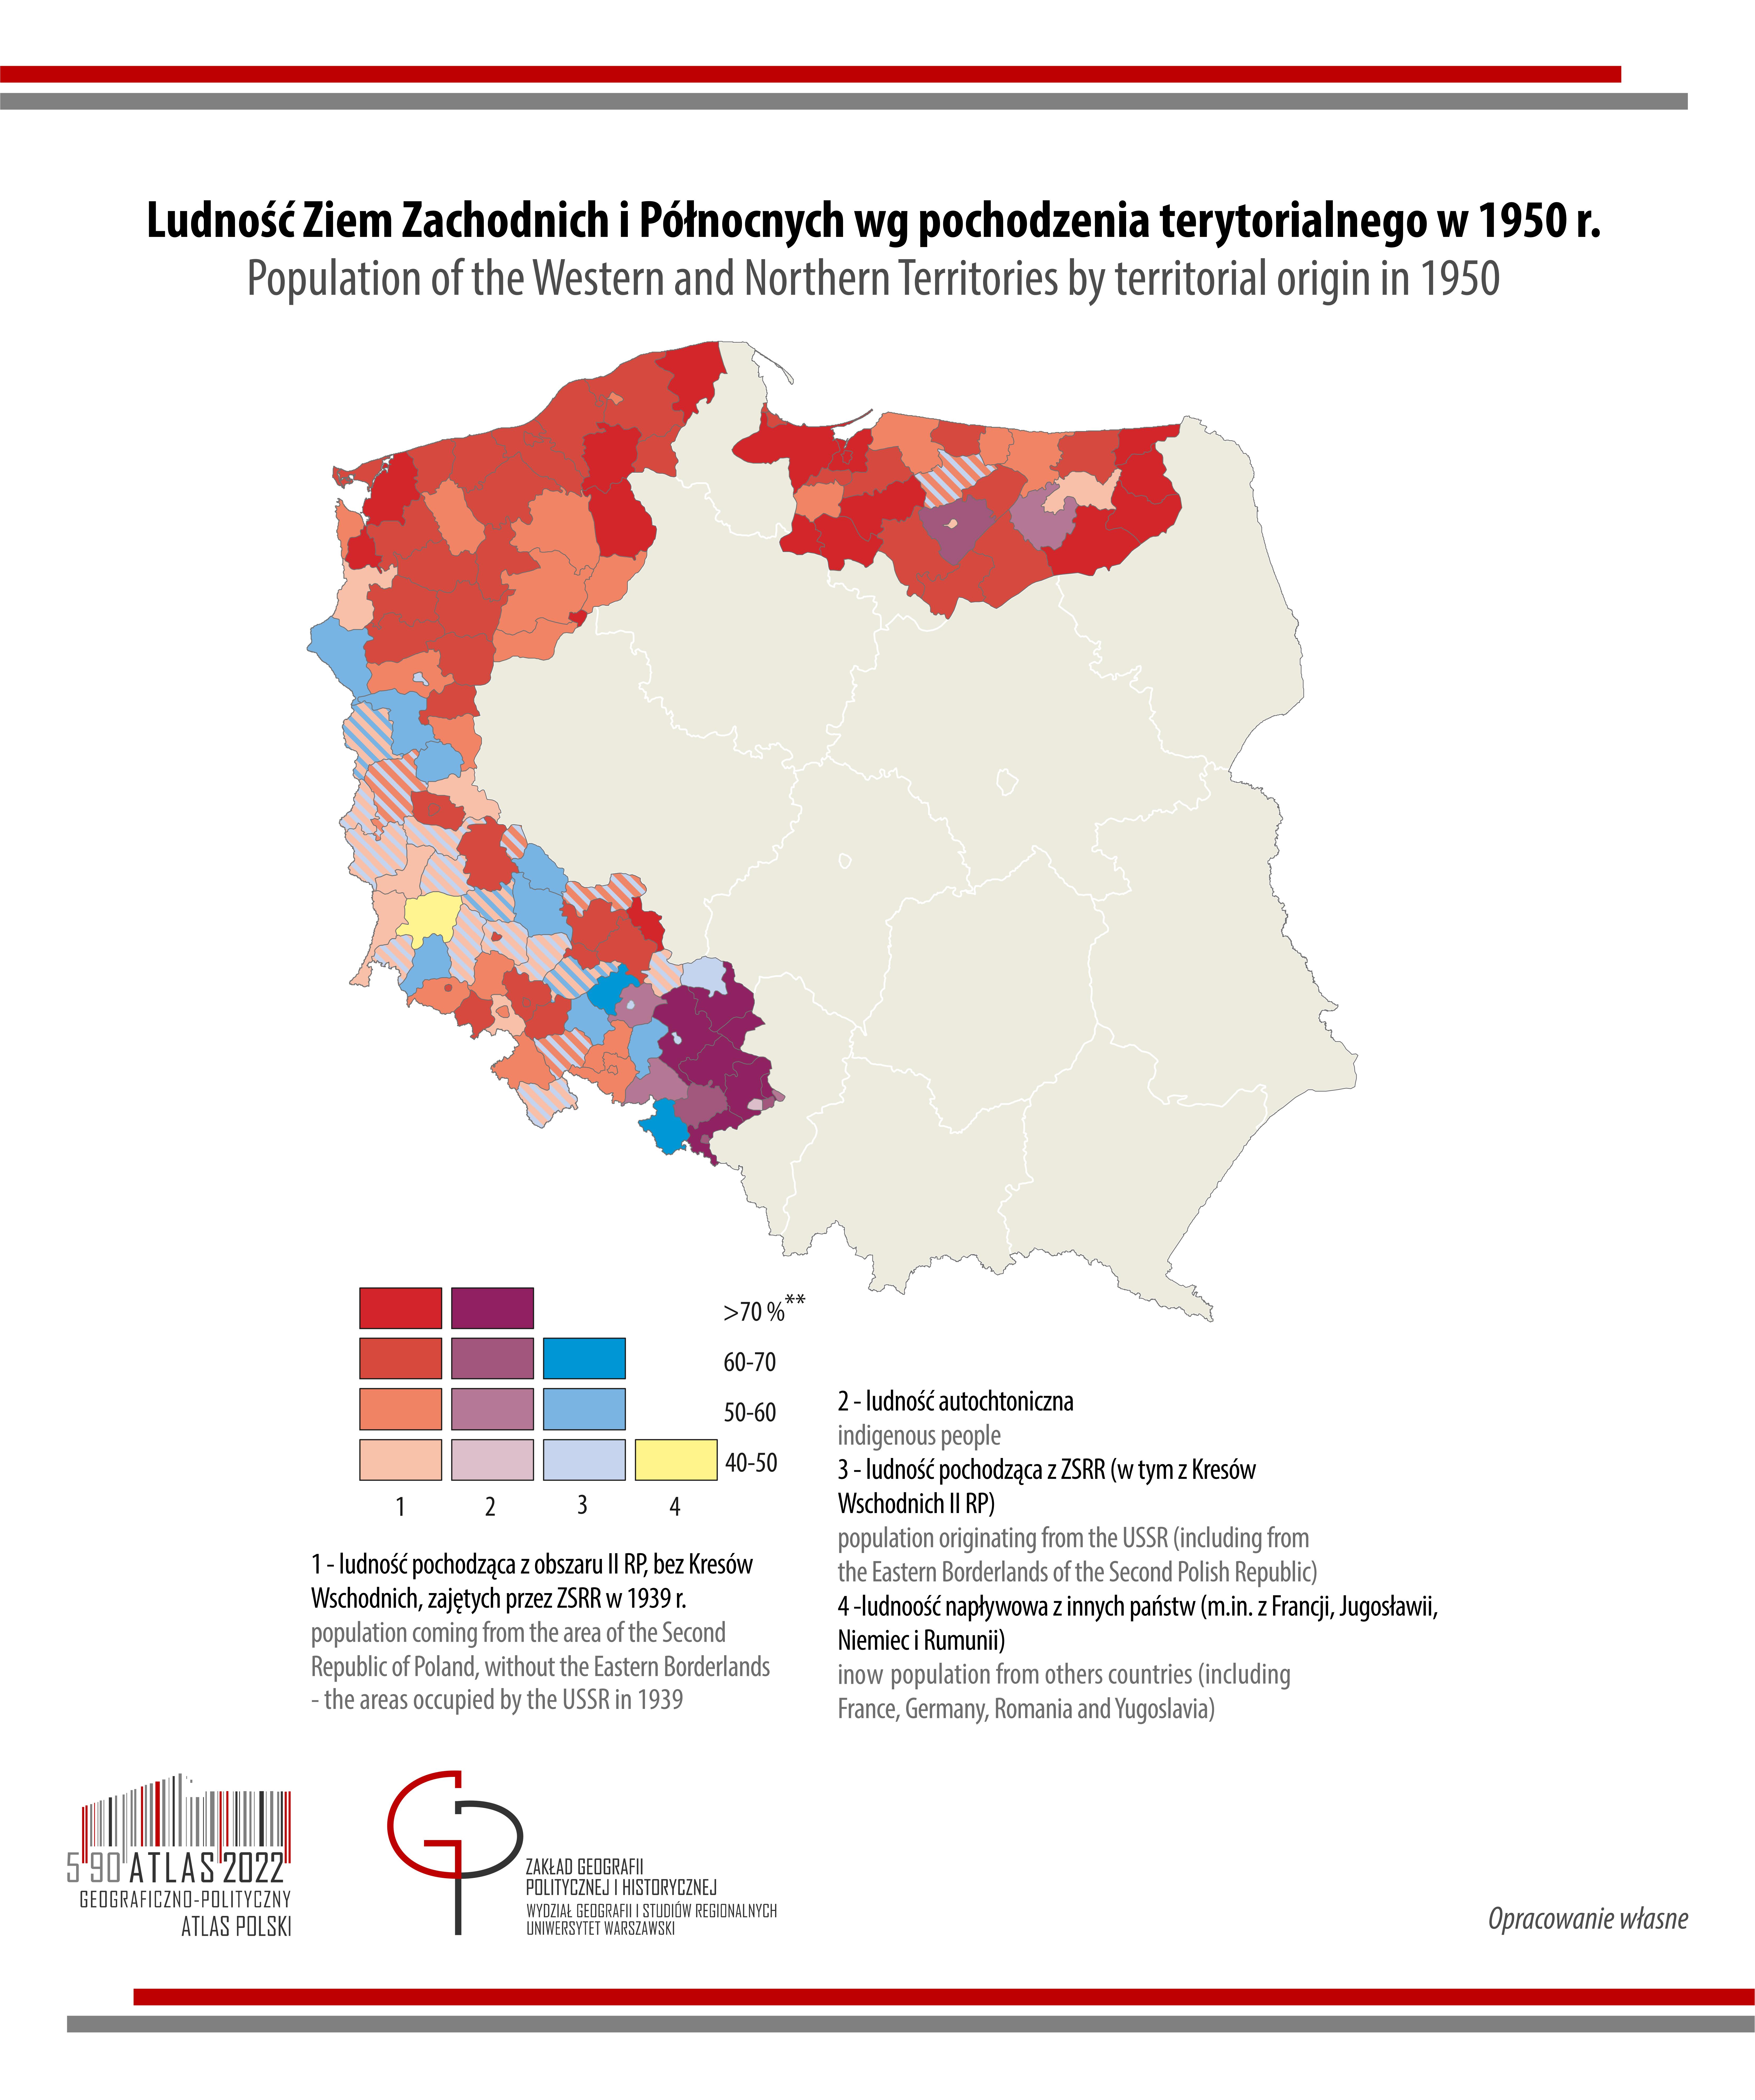 MAPA TYGODNIA: Ludność Ziem Zachodnich i Północnych wg pochodzenia terytorialnego w 1950 r.